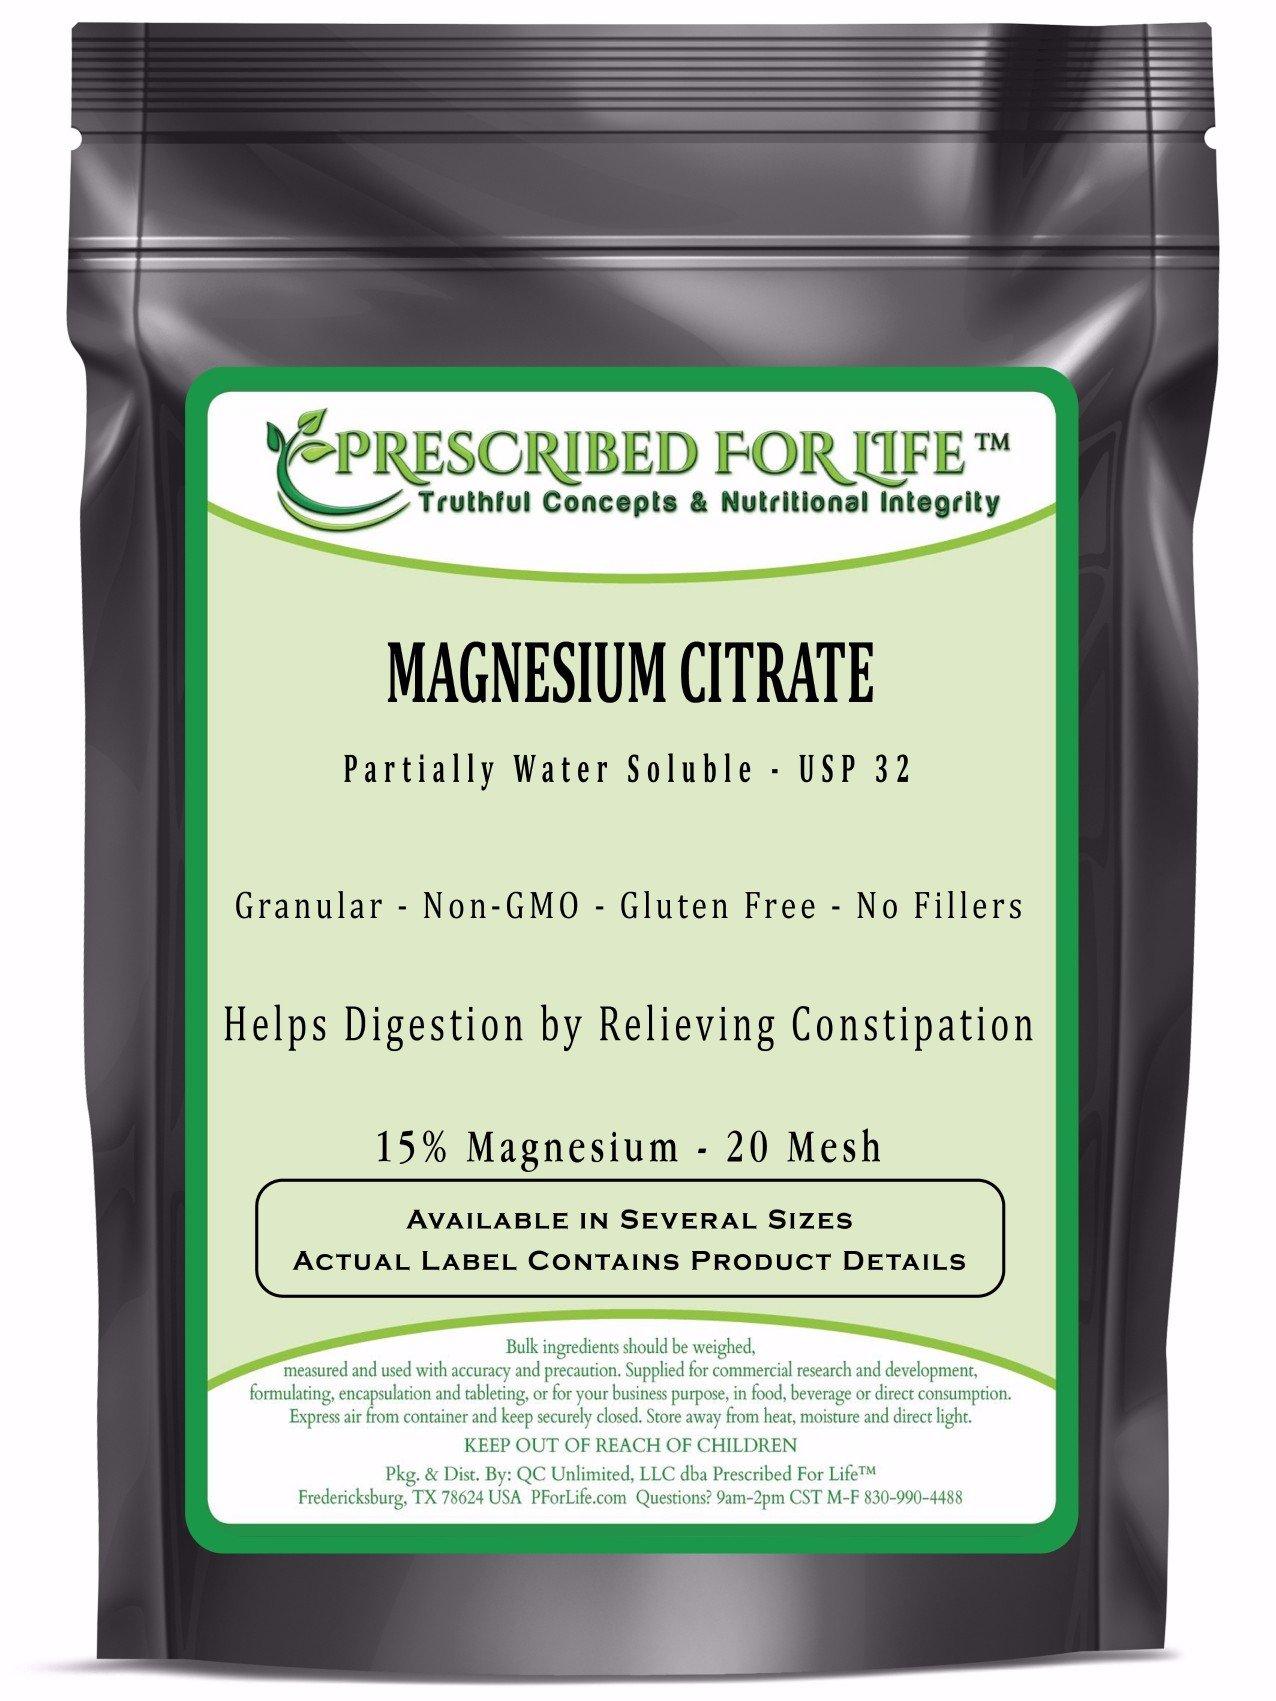 Magnesium Citrate Granular - Natural USP32 TriMagnesium Citrate 20 Mesh - 15% Mg, 55 lb